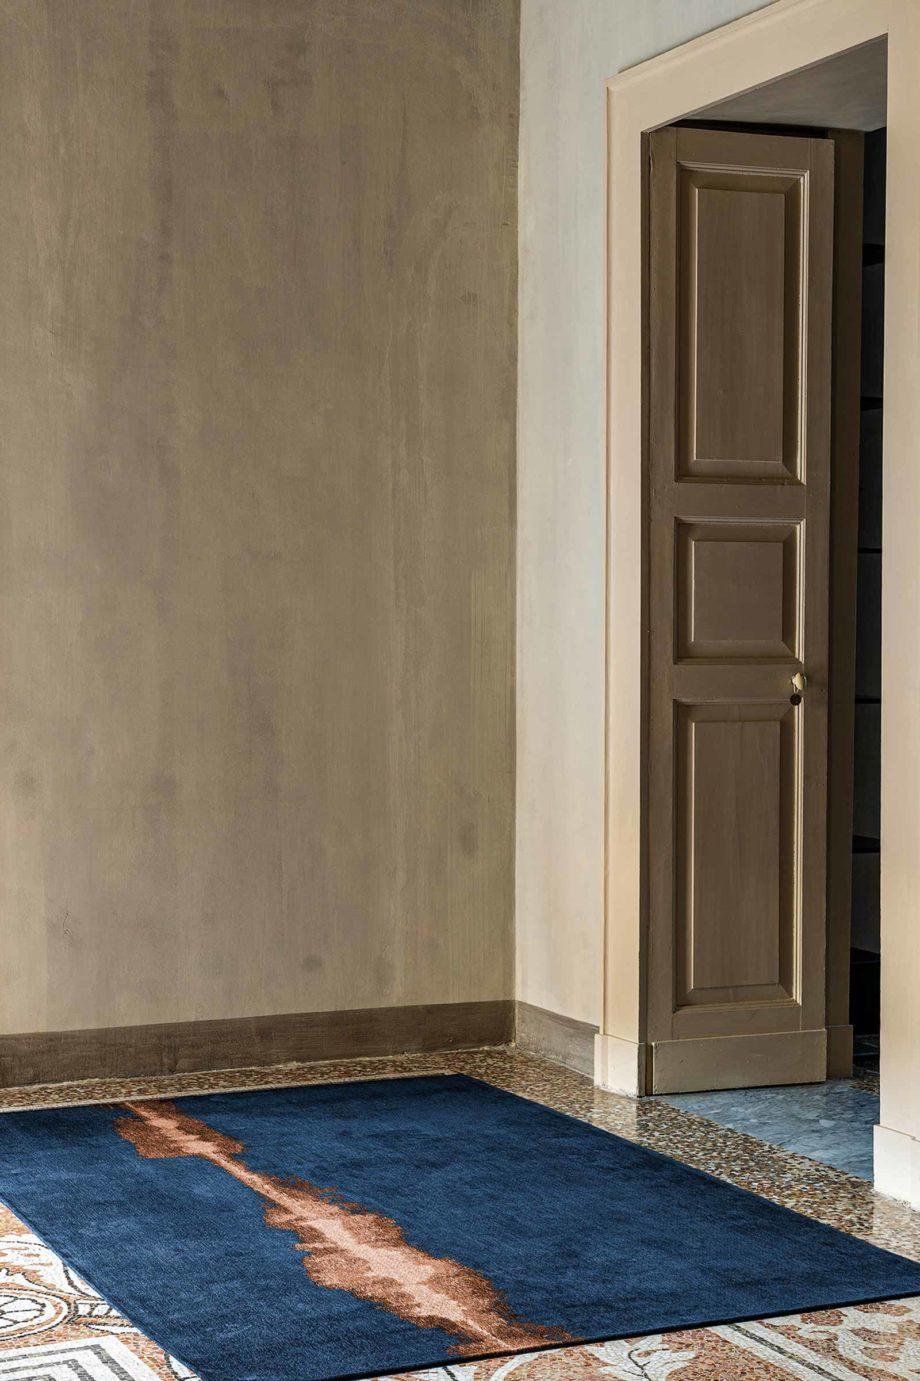 Louis De Poortere rug Fischbacher Linares 9056 interior 1